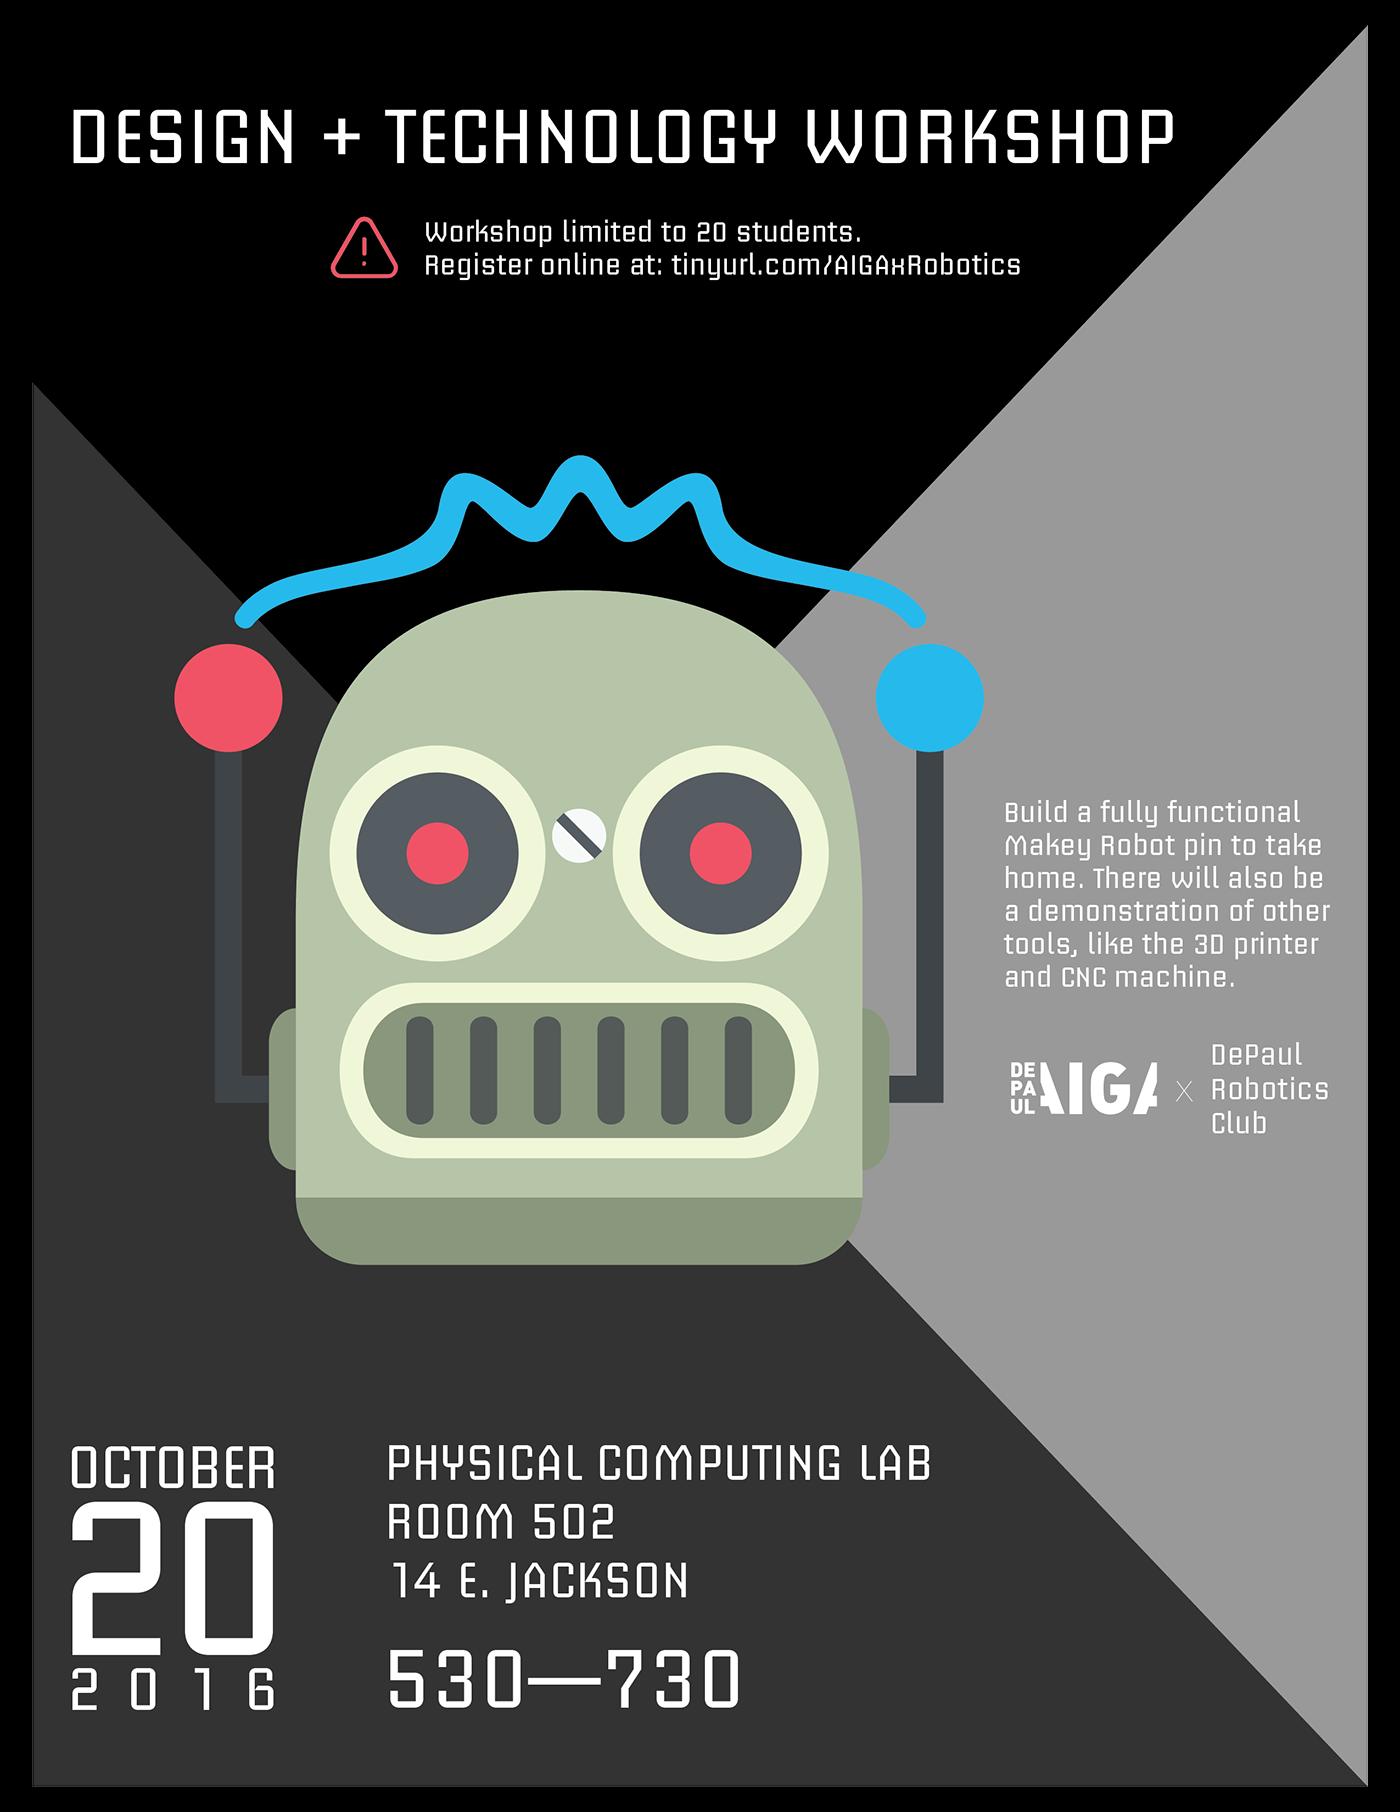 Design Technology Workshop Poster Design On Behance